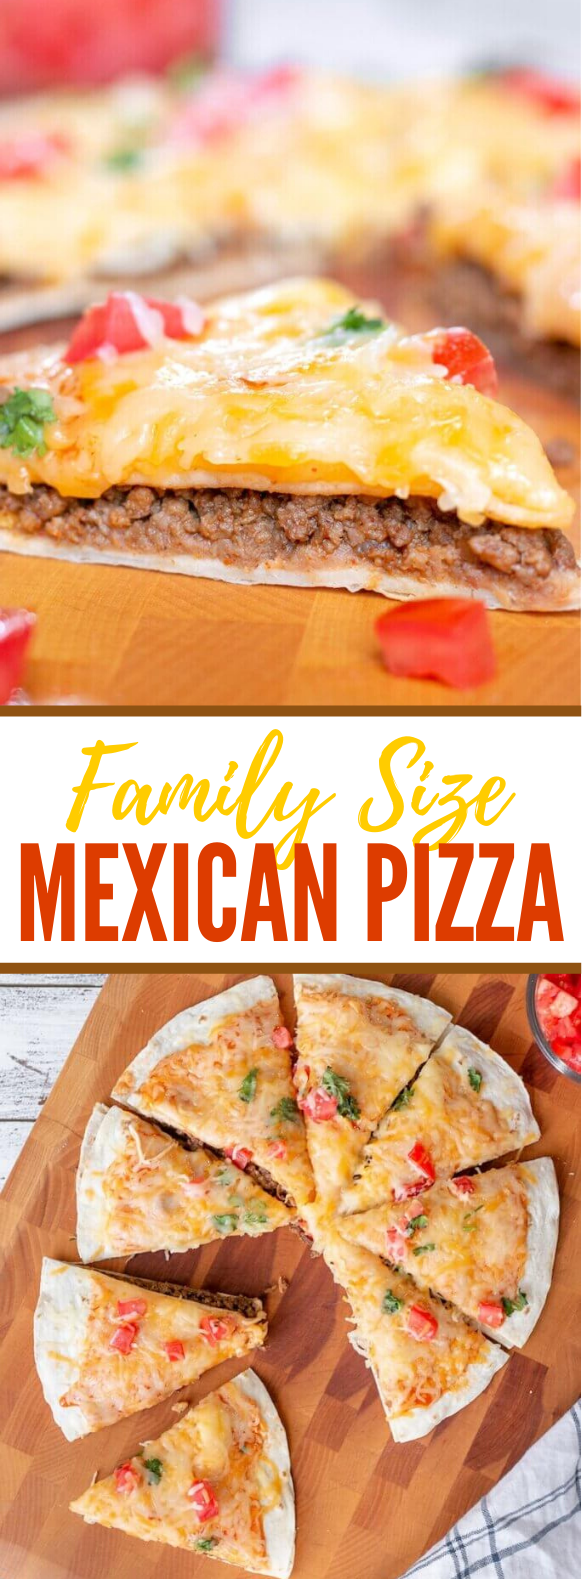 Family Size Mexican Pizza Recipe #dinner #familyrecipe